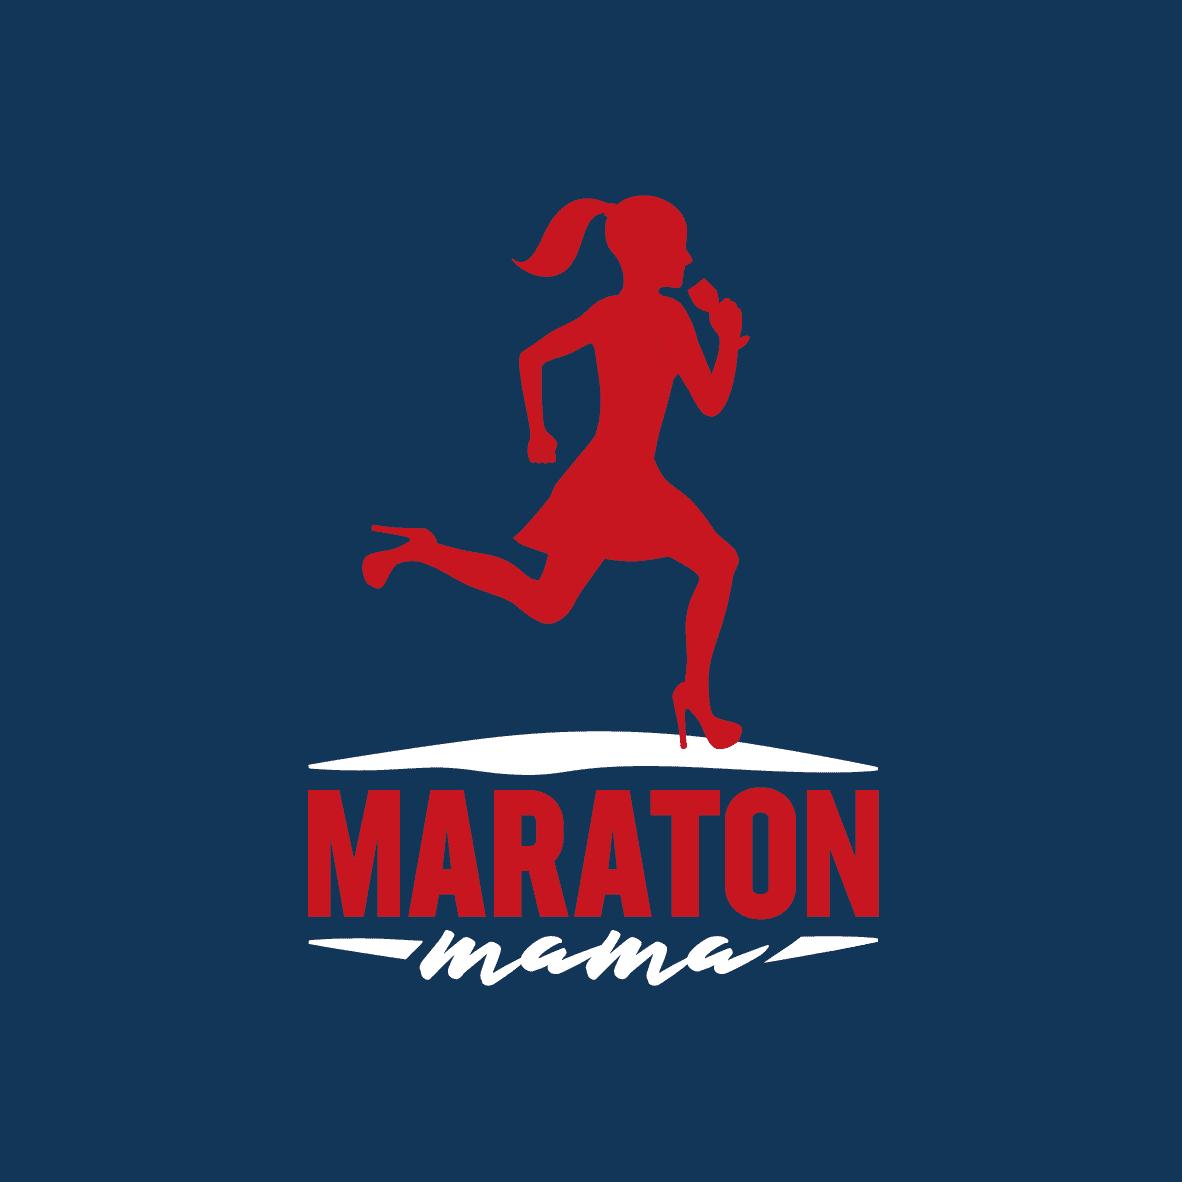 MARATON_mama logo vertikální – varianta pro tričko – tmavě modrý podklad